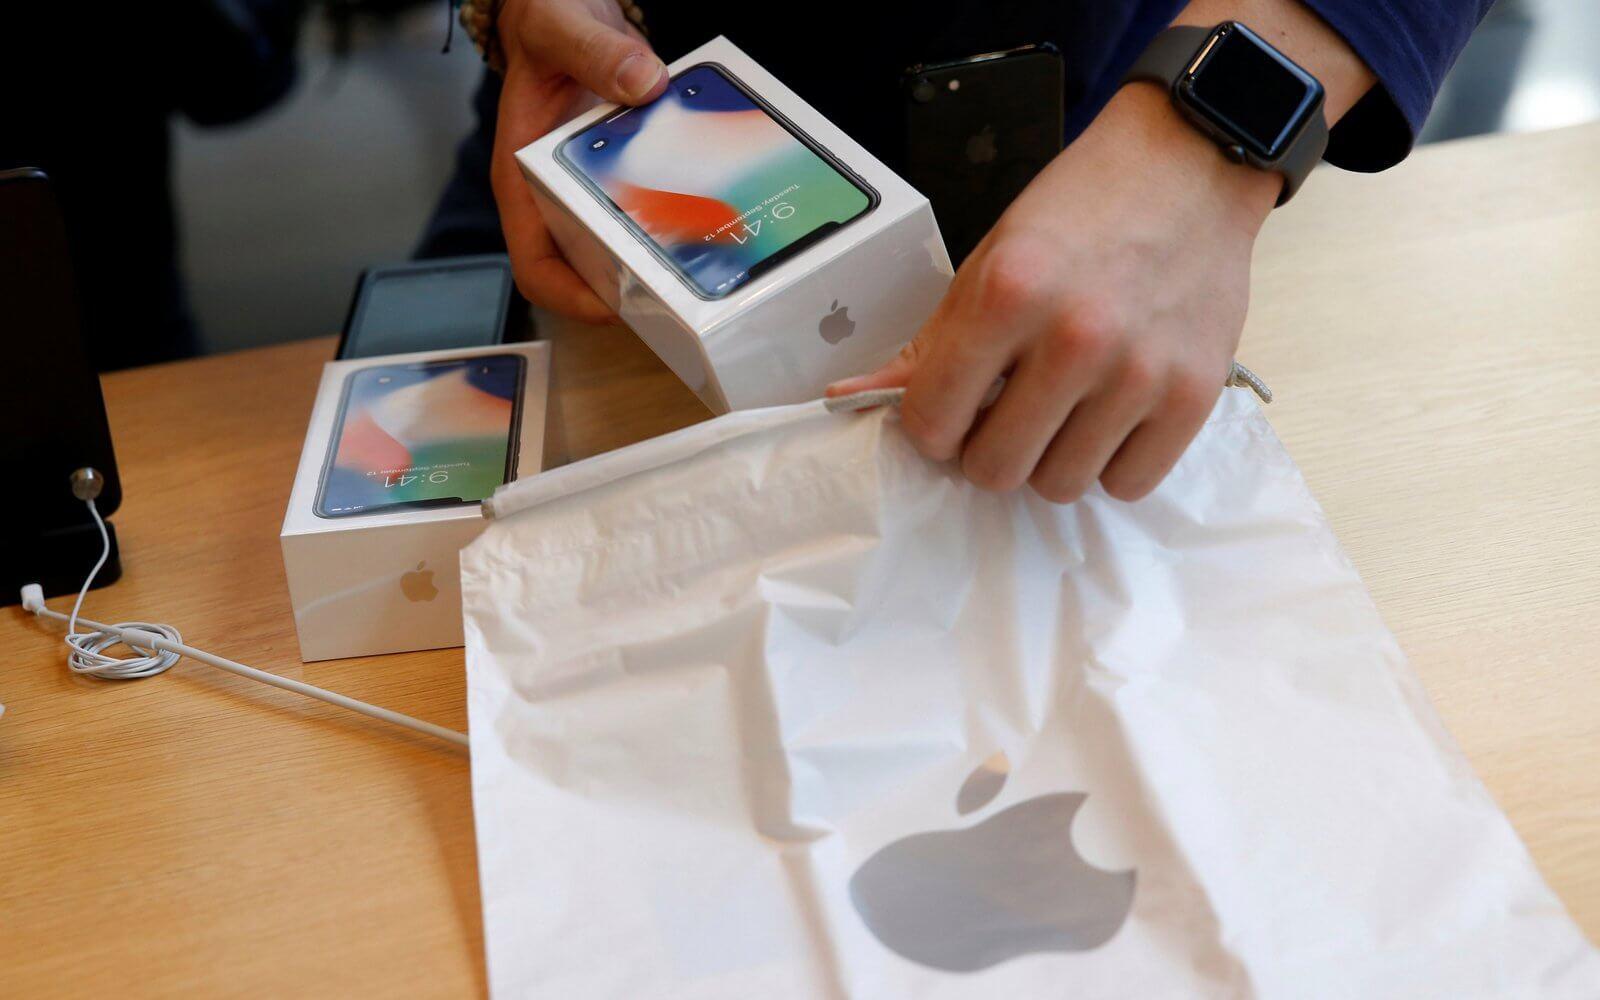 Consumer Reports назвал iPhone 8 Plus лучшей покупкой, чем iPhone X